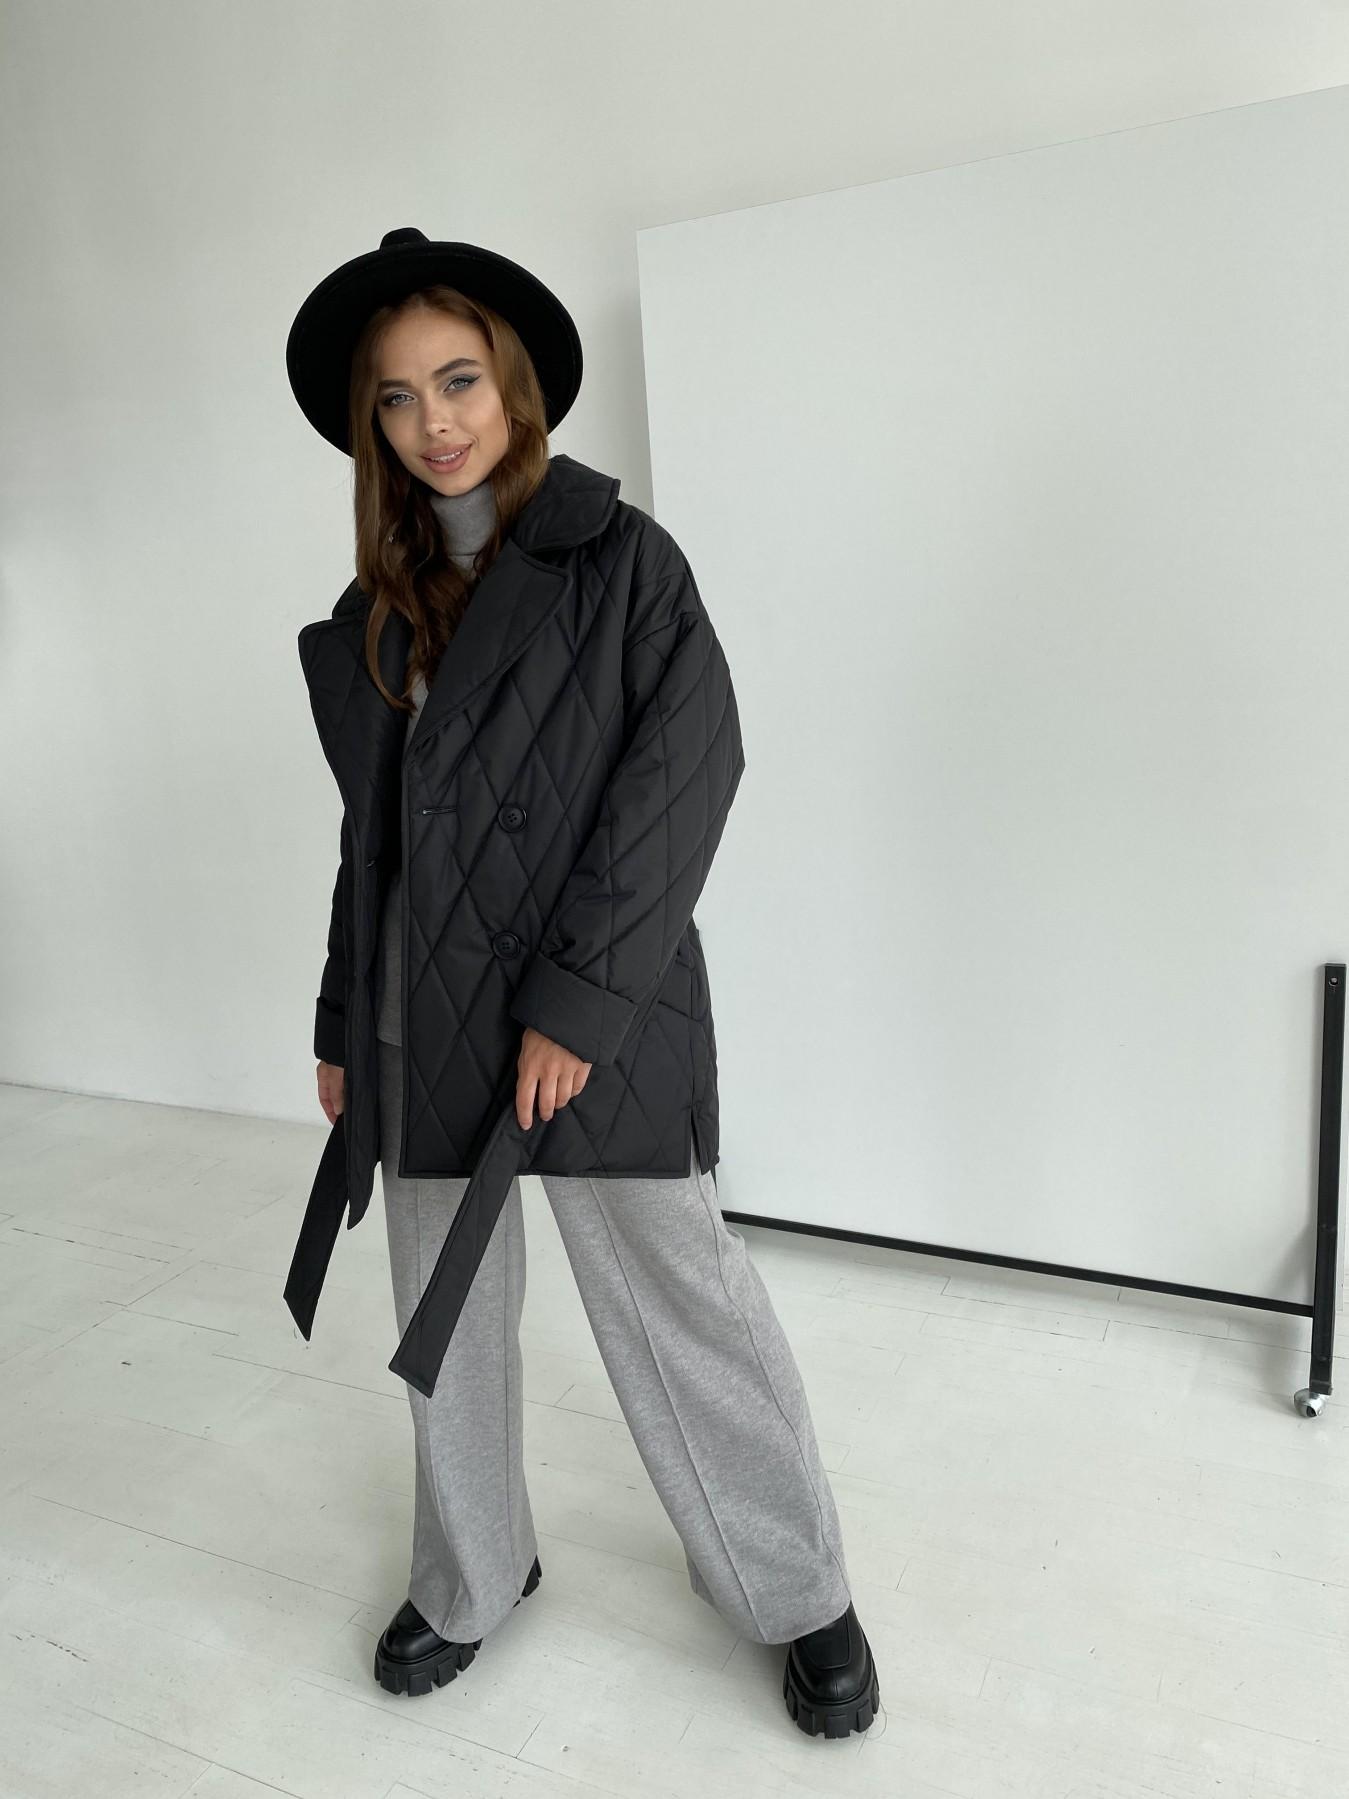 Норд стеганая куртка из плащеки 11770  АРТ. 48512 Цвет: Черный - фото 1, интернет магазин tm-modus.ru